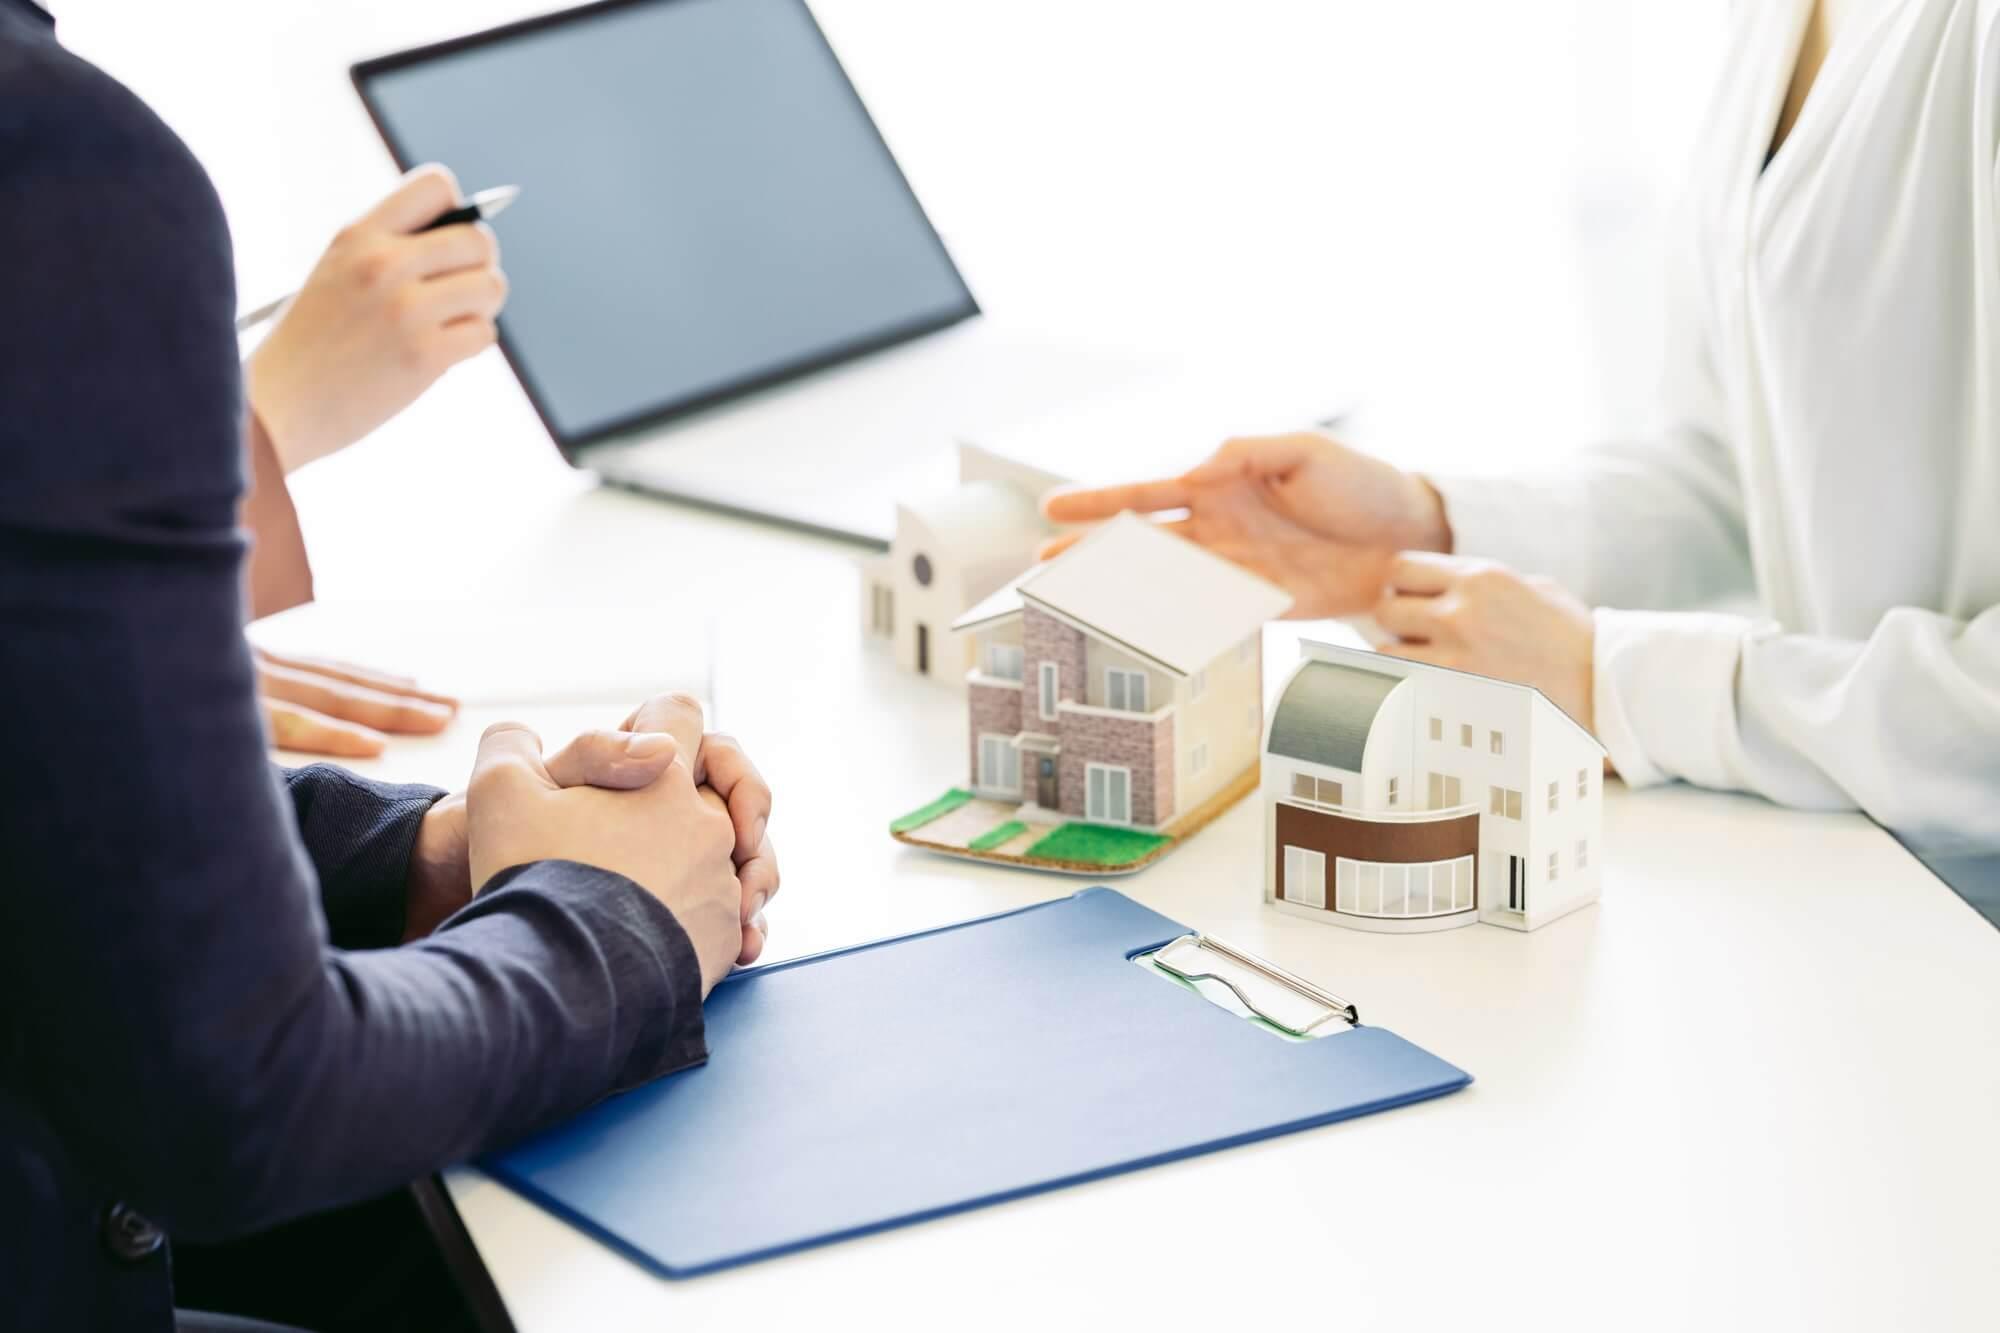 投資用マンションを売却して、オーナーチェンジするときのポイント